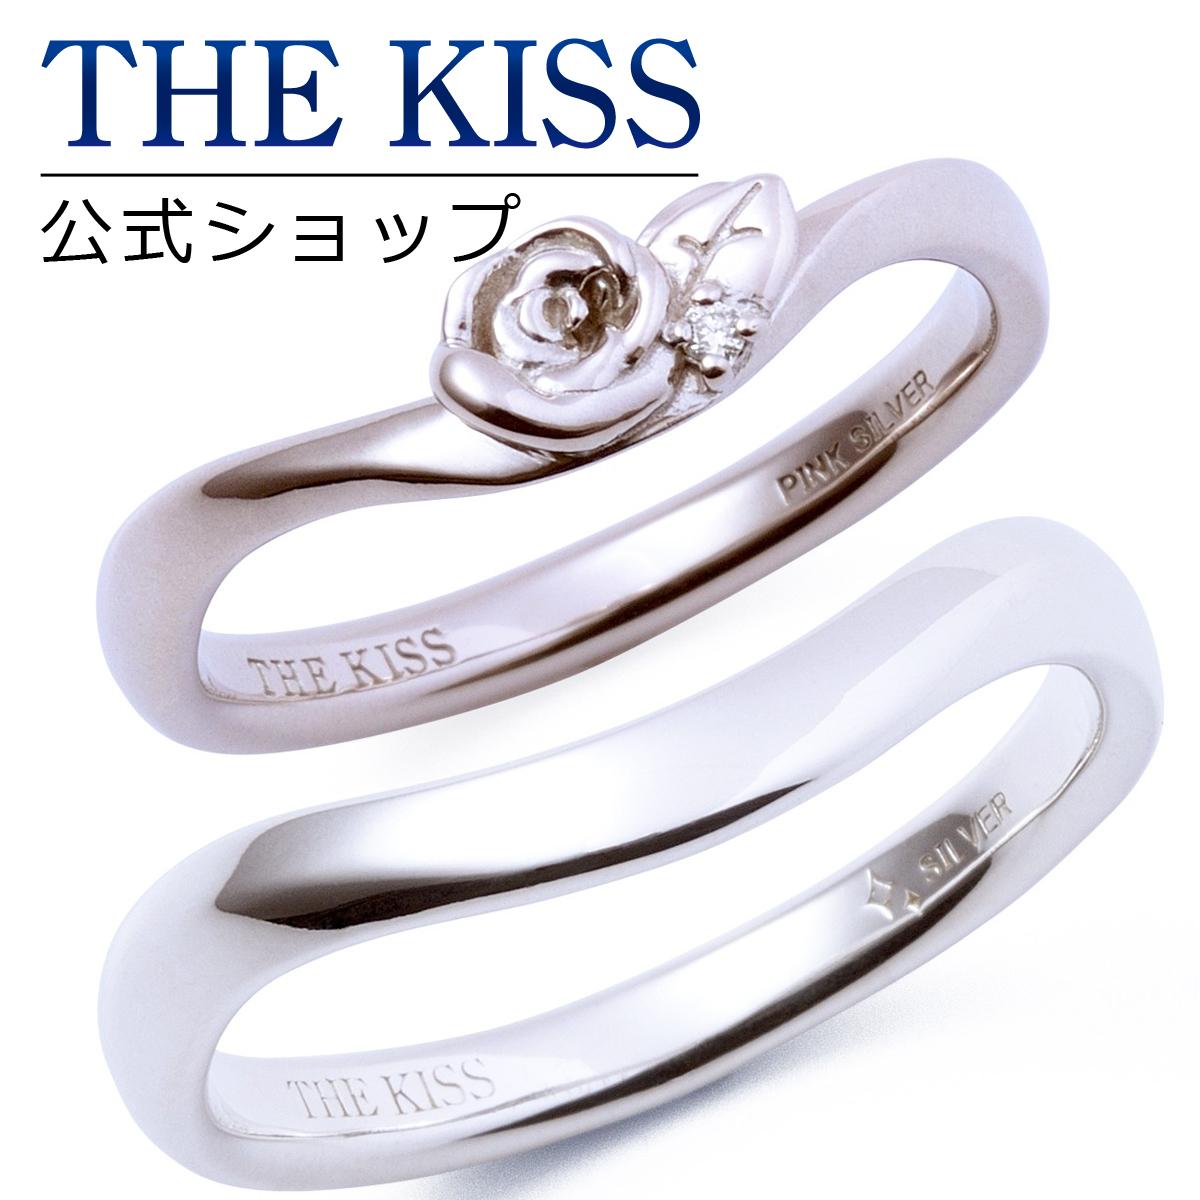 【刻印可_1文字】【あす楽対応】THE KISS 公式サイト シルバー ペアリング ペアアクセサリー カップル に 人気 の ジュエリーブランド THEKISS ペア リング・指輪 記念日 プレゼント PSV1326DM-PSR826 セット シンプル ザキス 【送料無料】